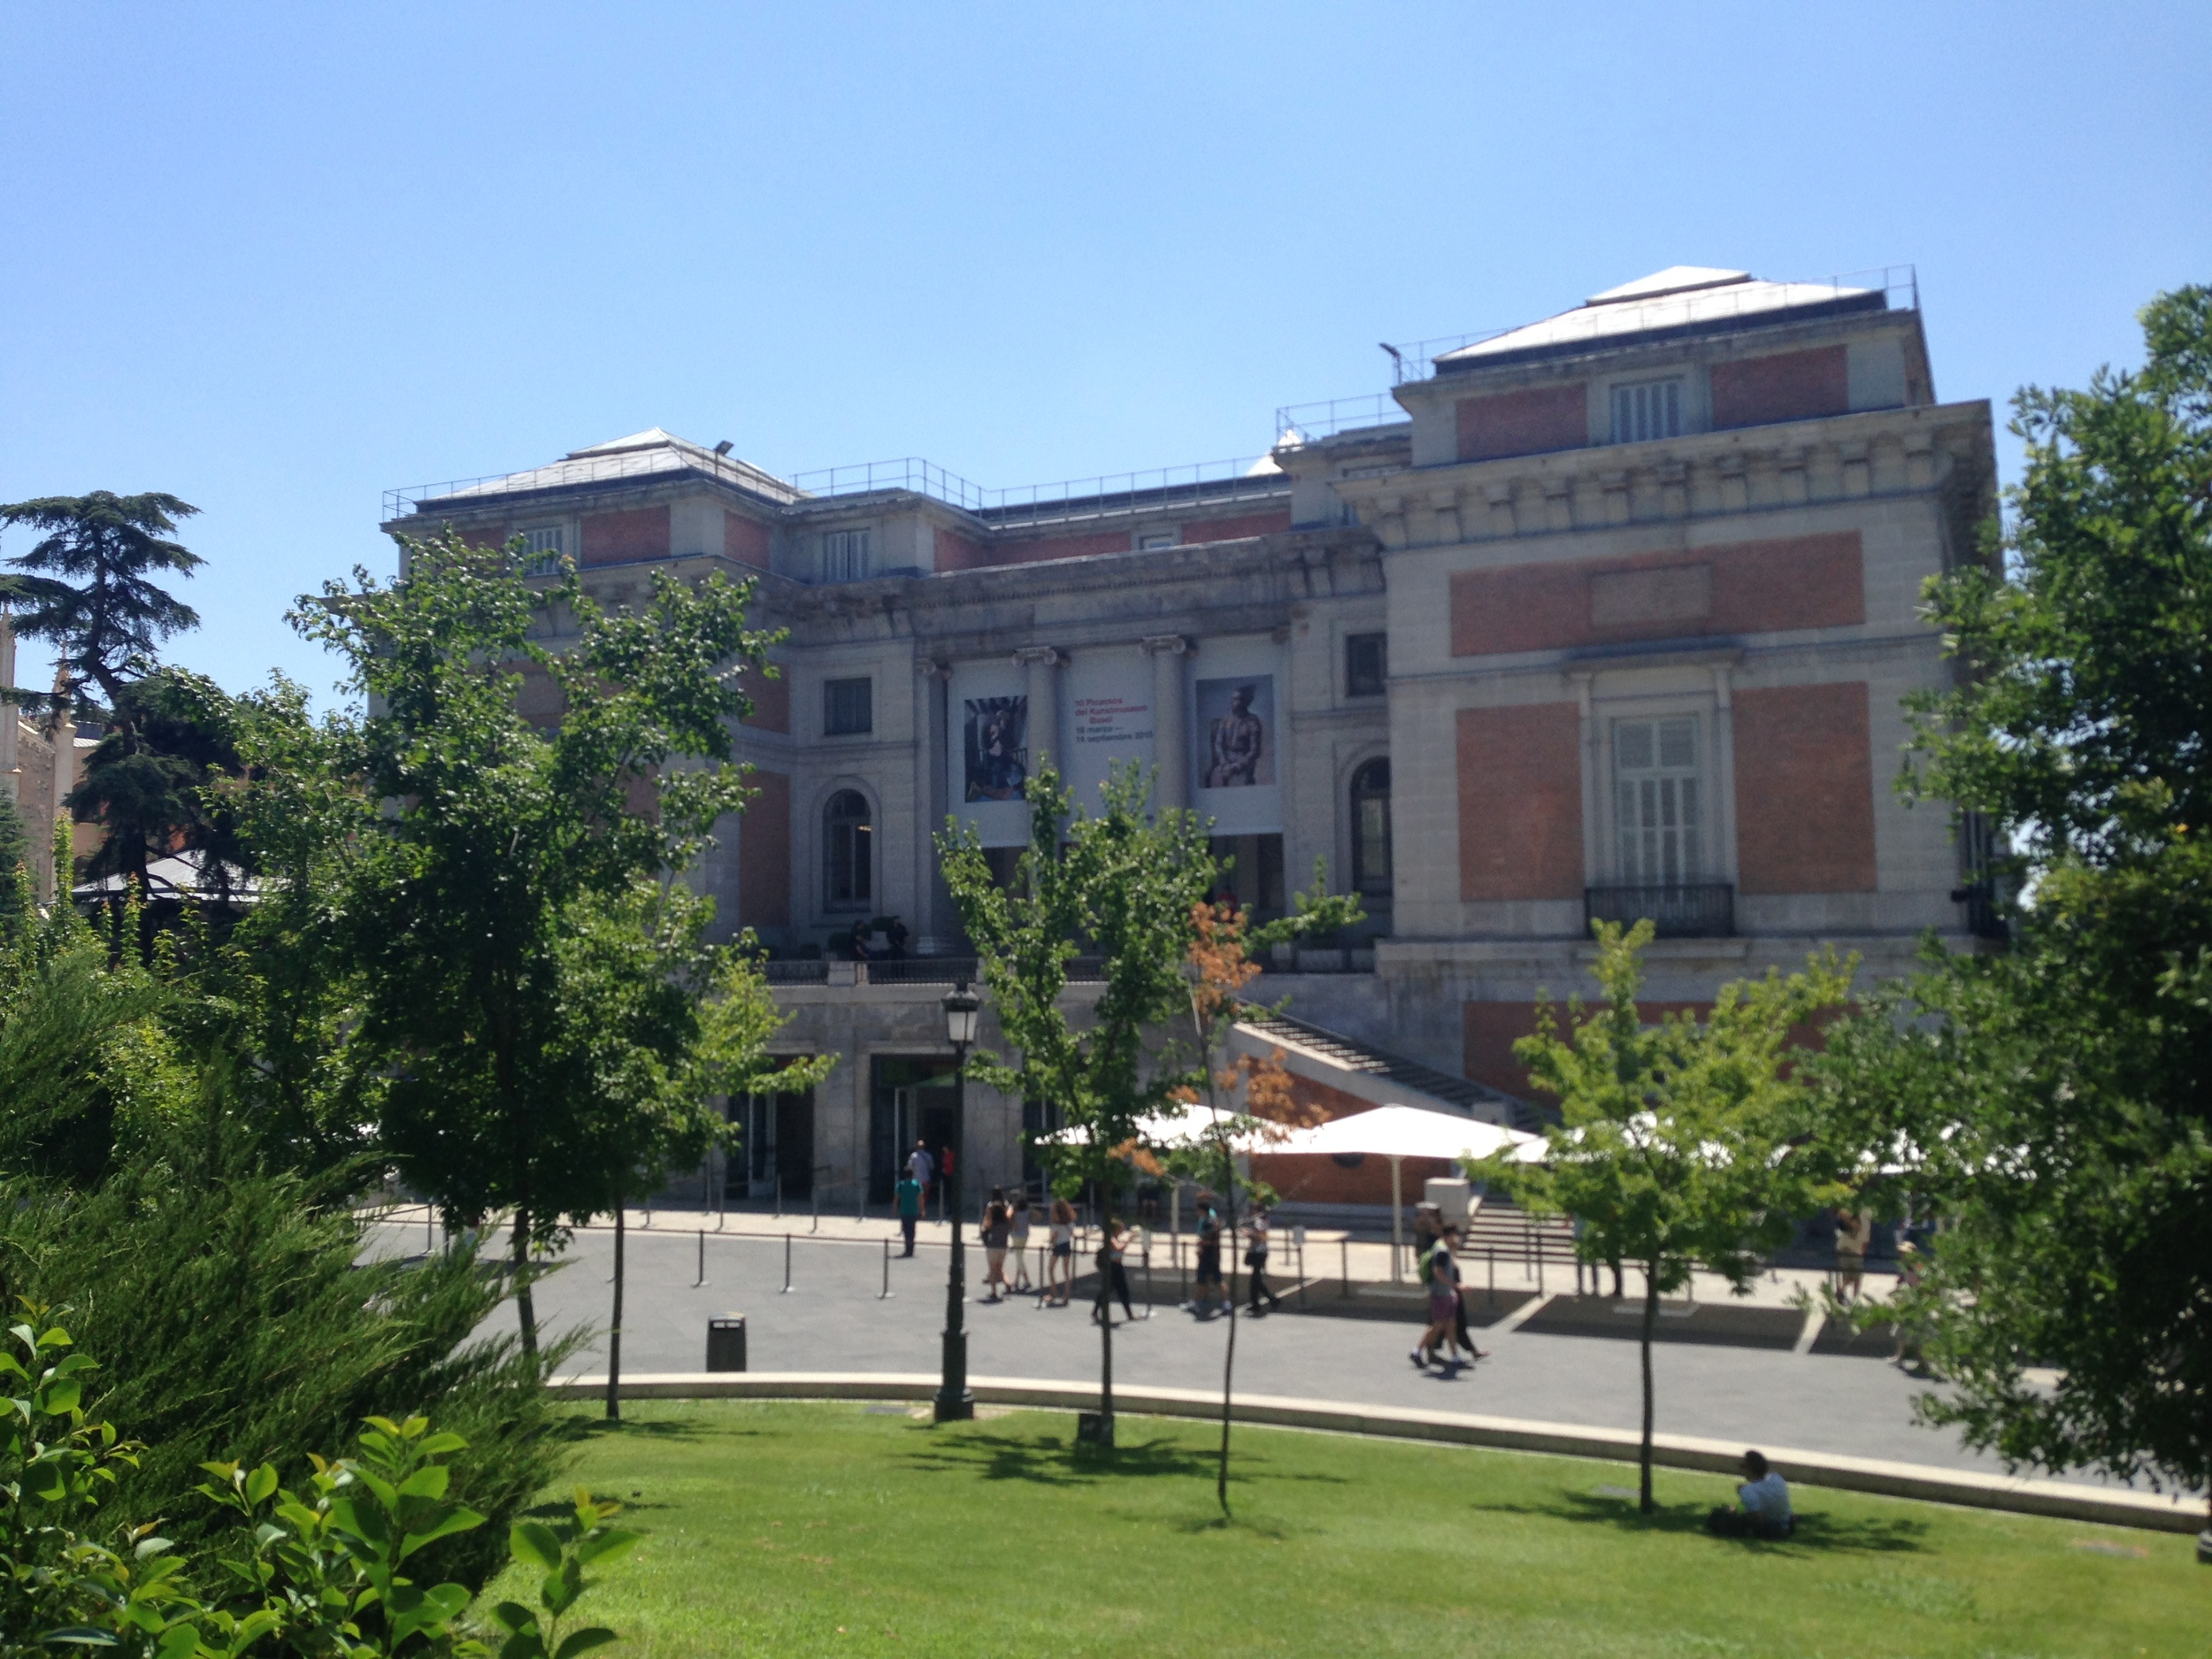 Muso Nacional del Prado